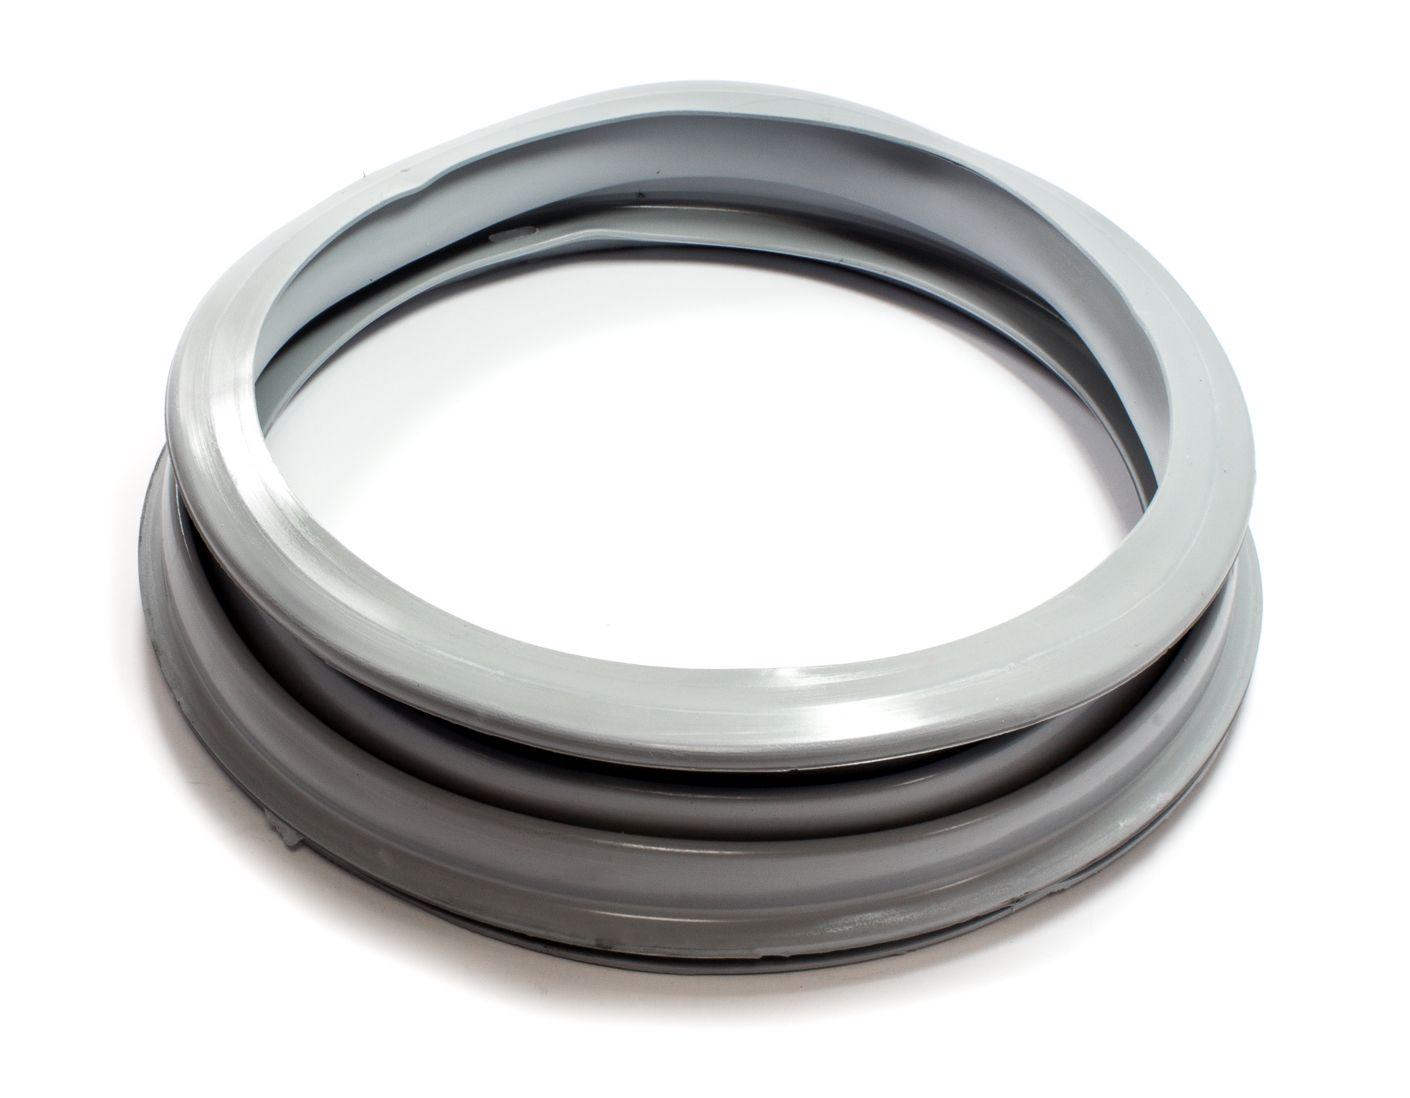 těsnění dveří, manžeta do pračky Whirlpool - 481246668775 Whirlpool / Indesit